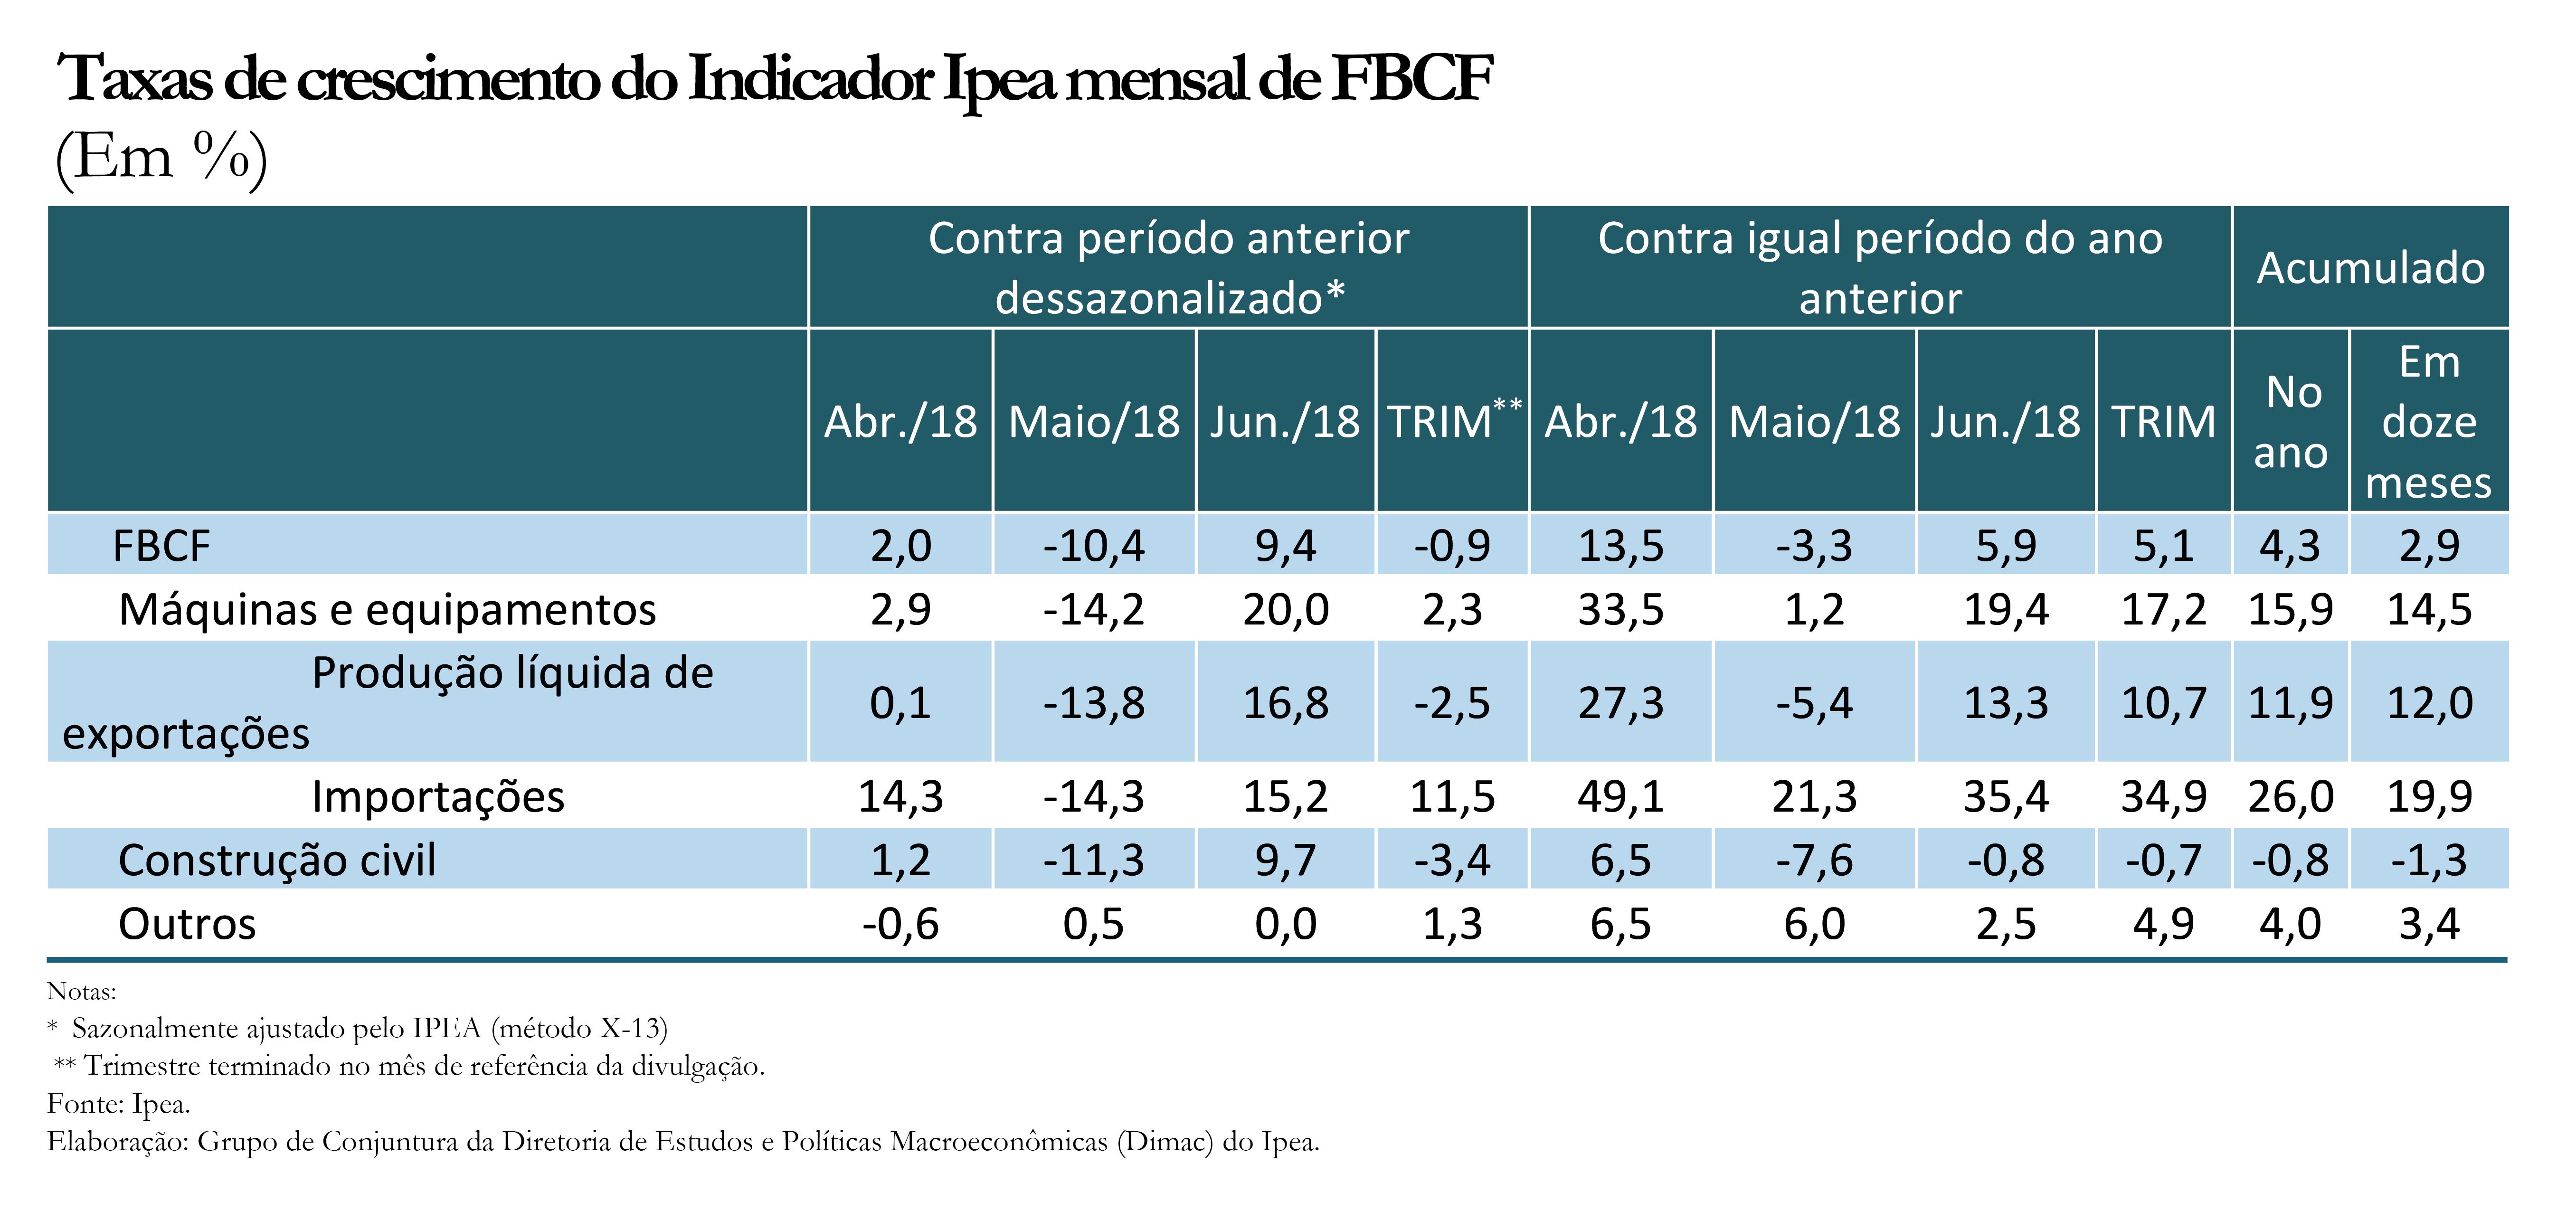 Tabela - Indicador Ipea FBCF jun18